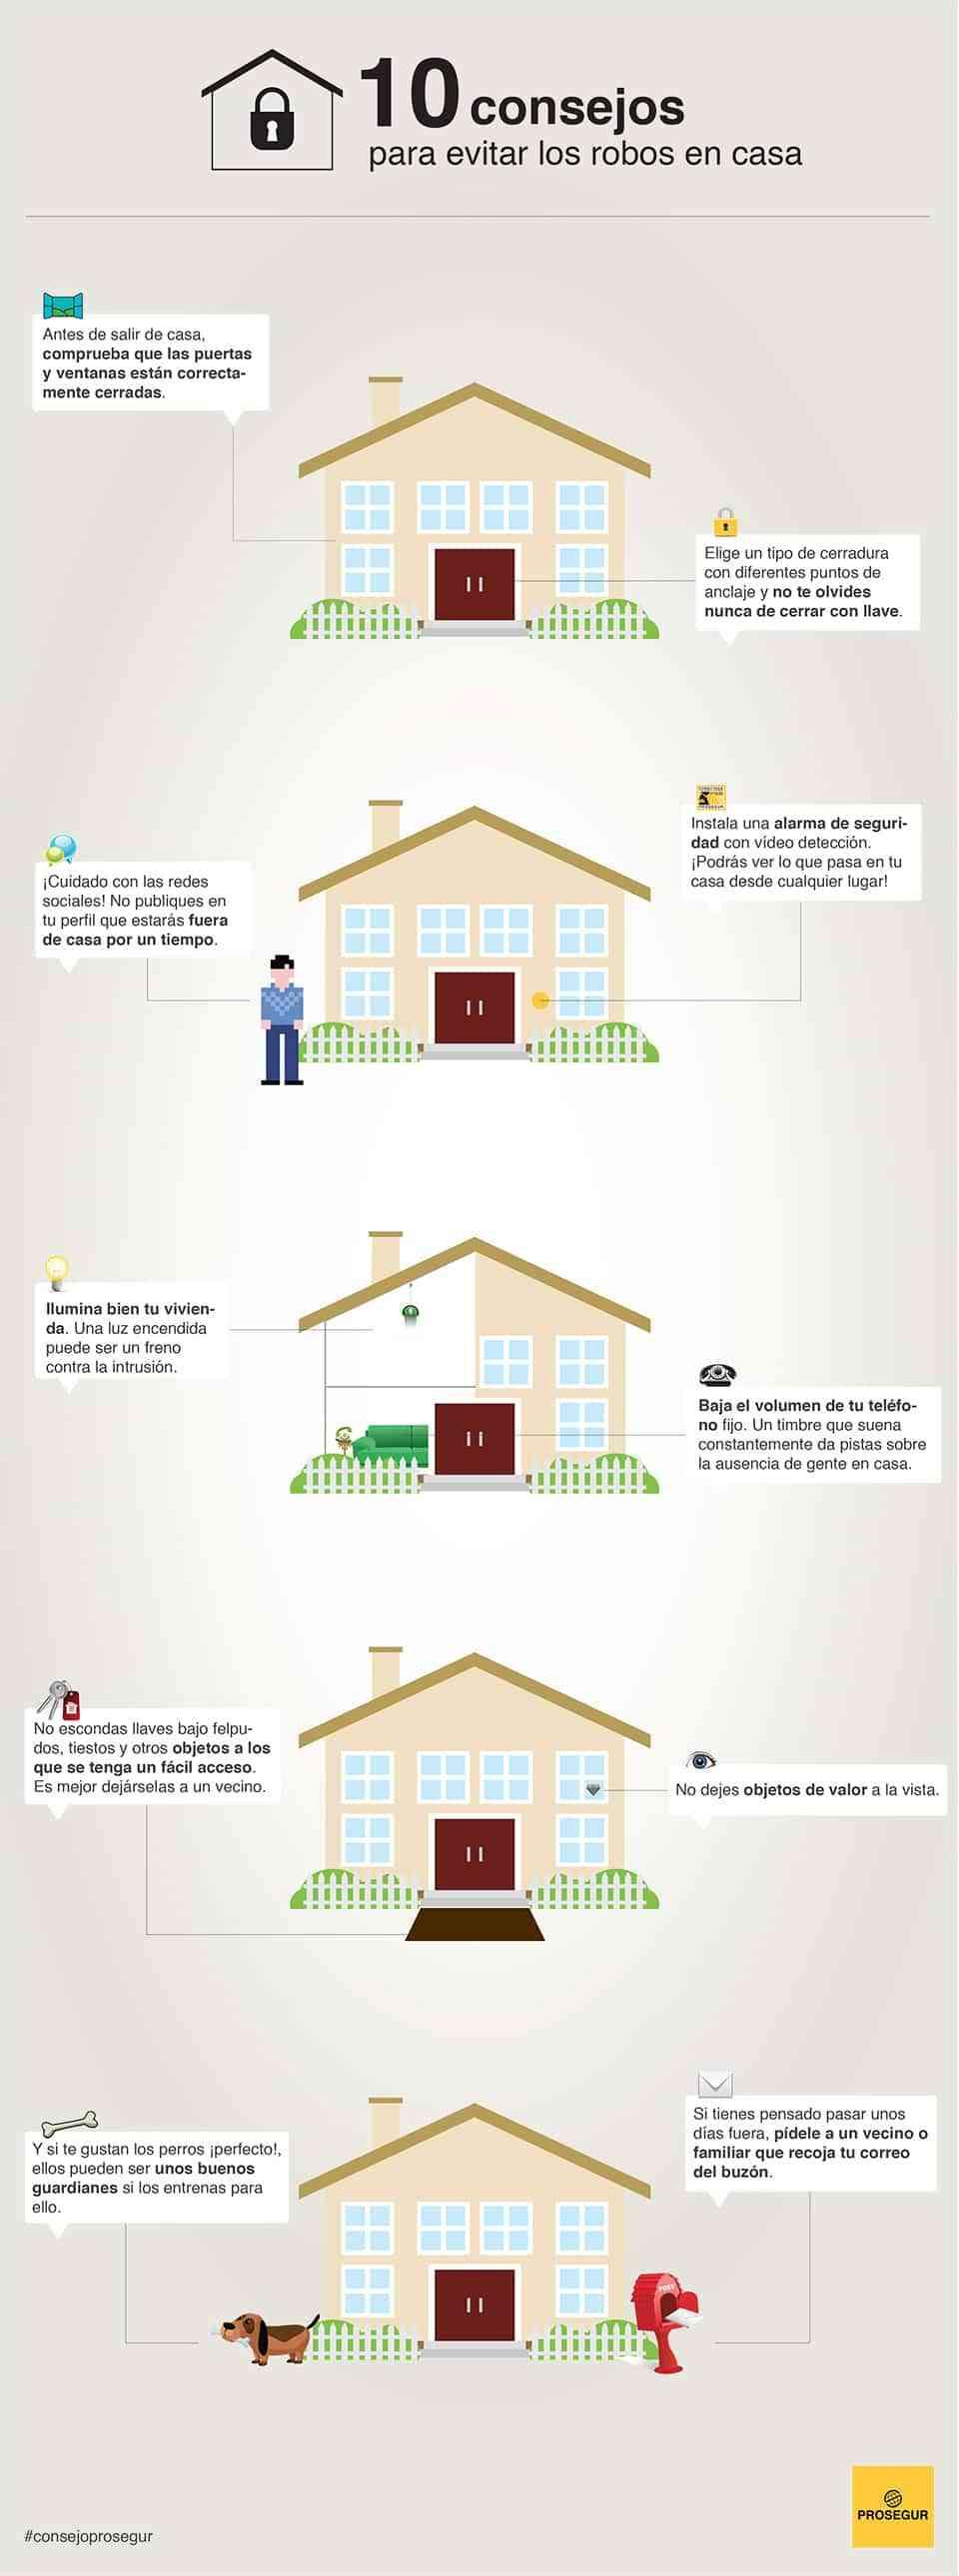 10 consejos para evitar robos en navidad